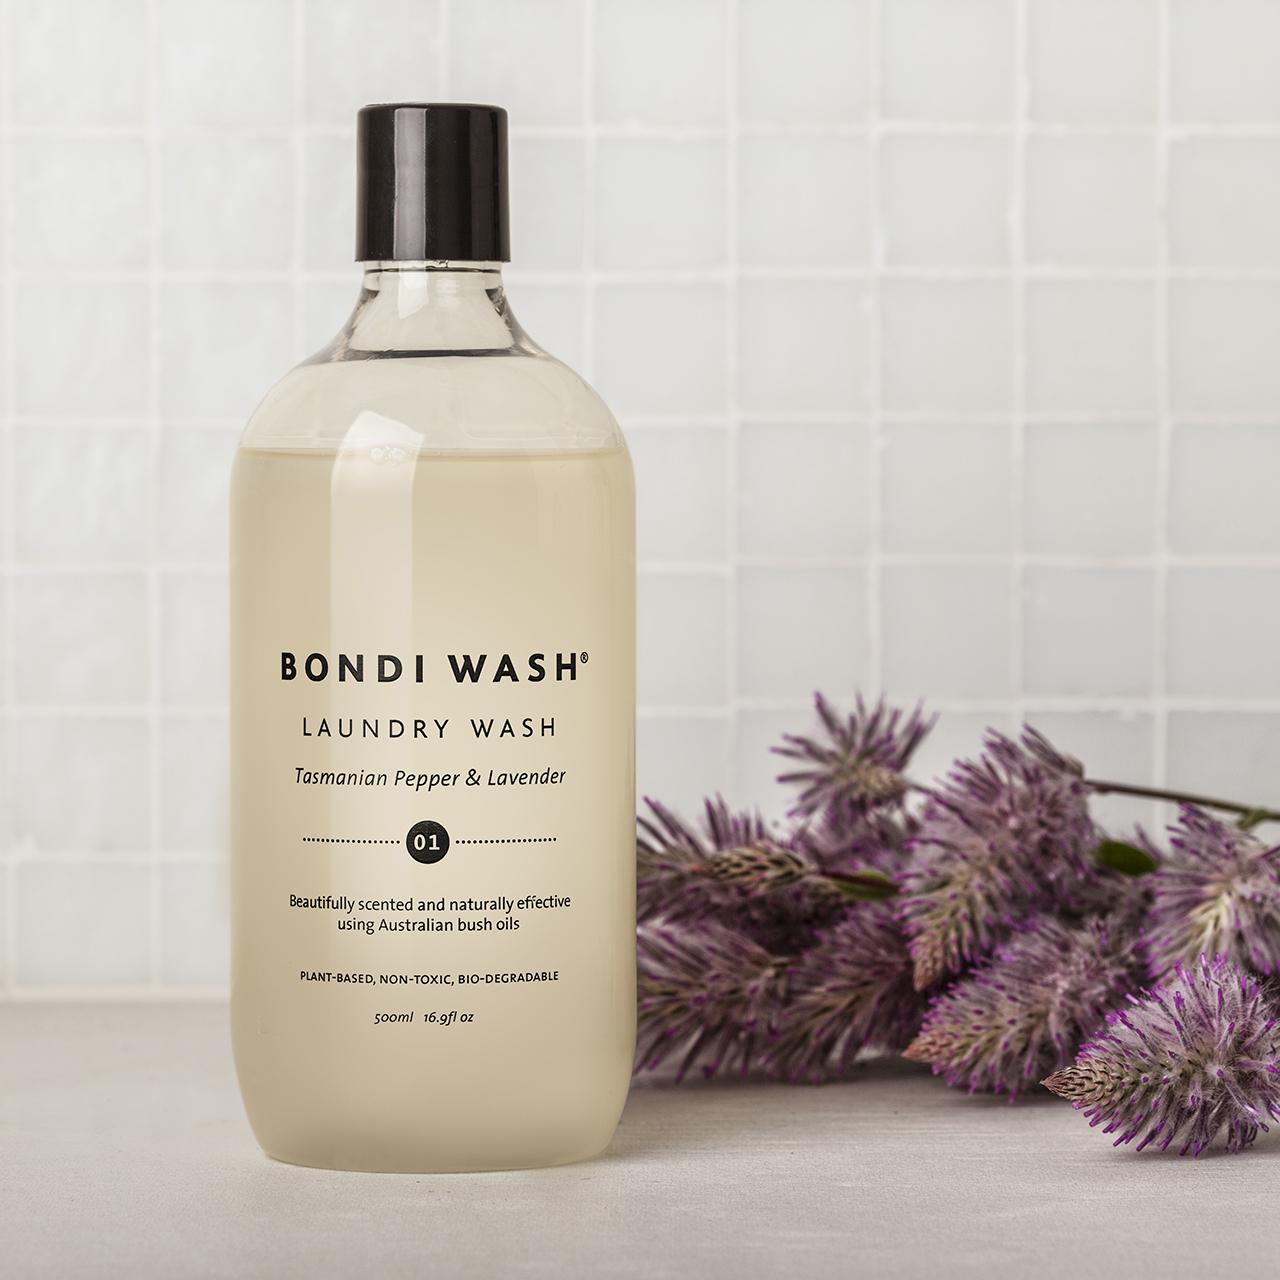 BONDI WASH,生活選物,生活雜貨,澳洲品牌,澳洲清潔品牌,清潔品牌